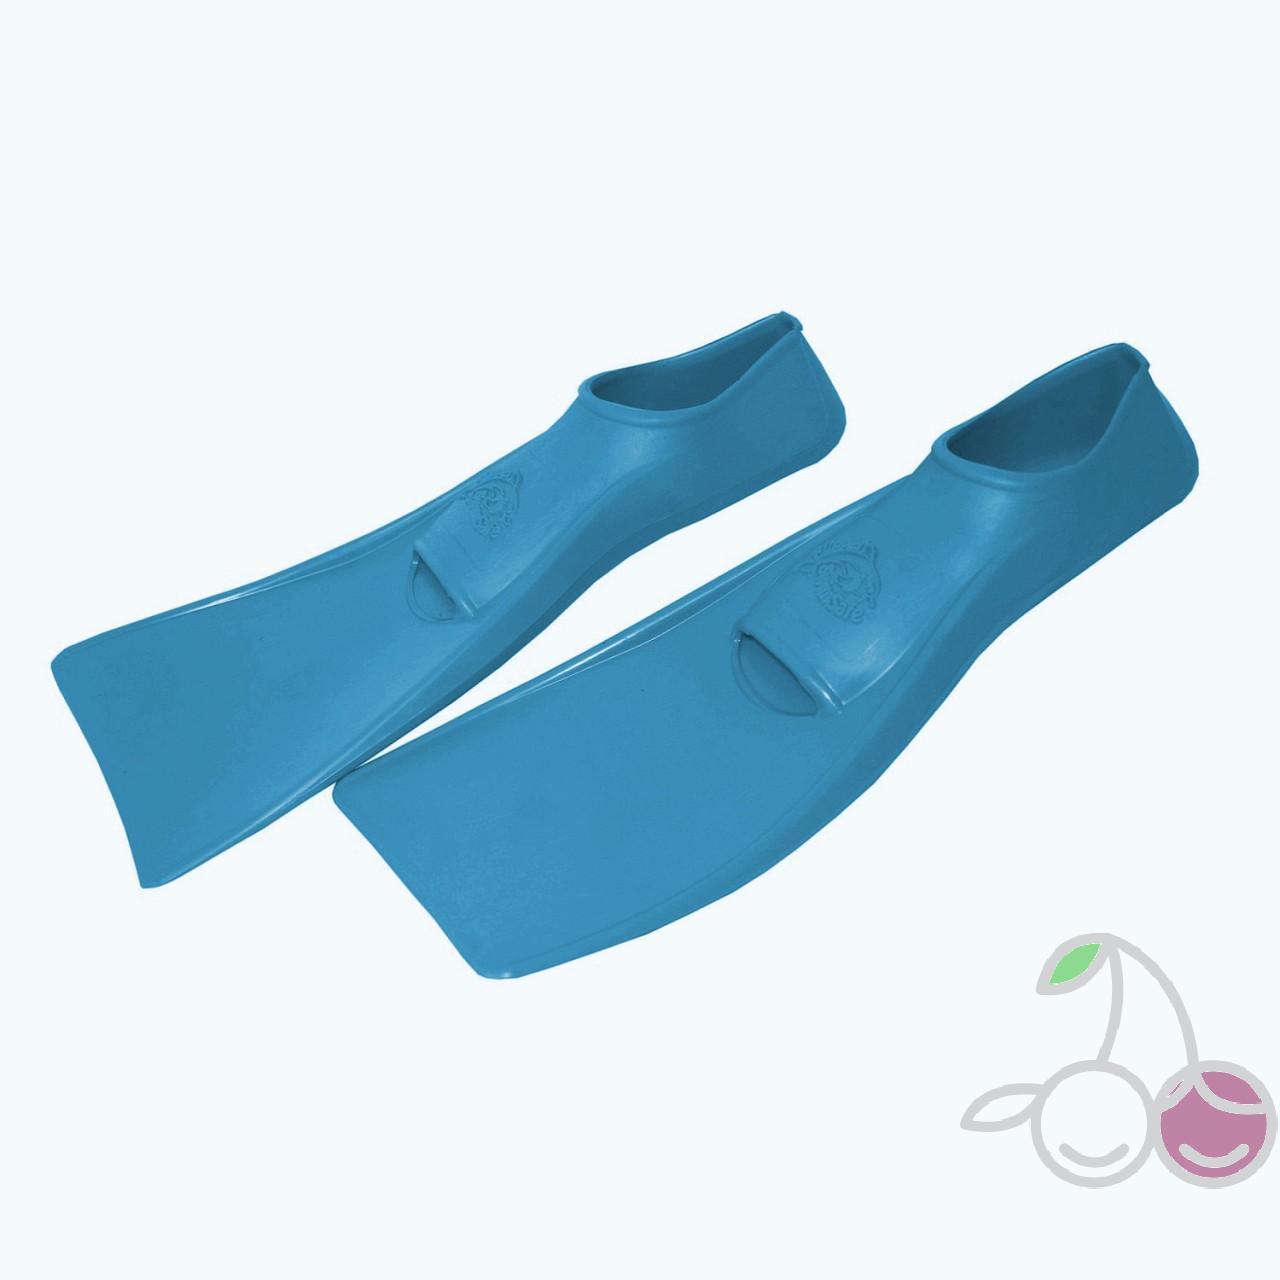 Ласты для бассейна резиновые детские размеры 29-30 синие ПРОПЕРКЭРРИ (ProperCarry), - фото 2